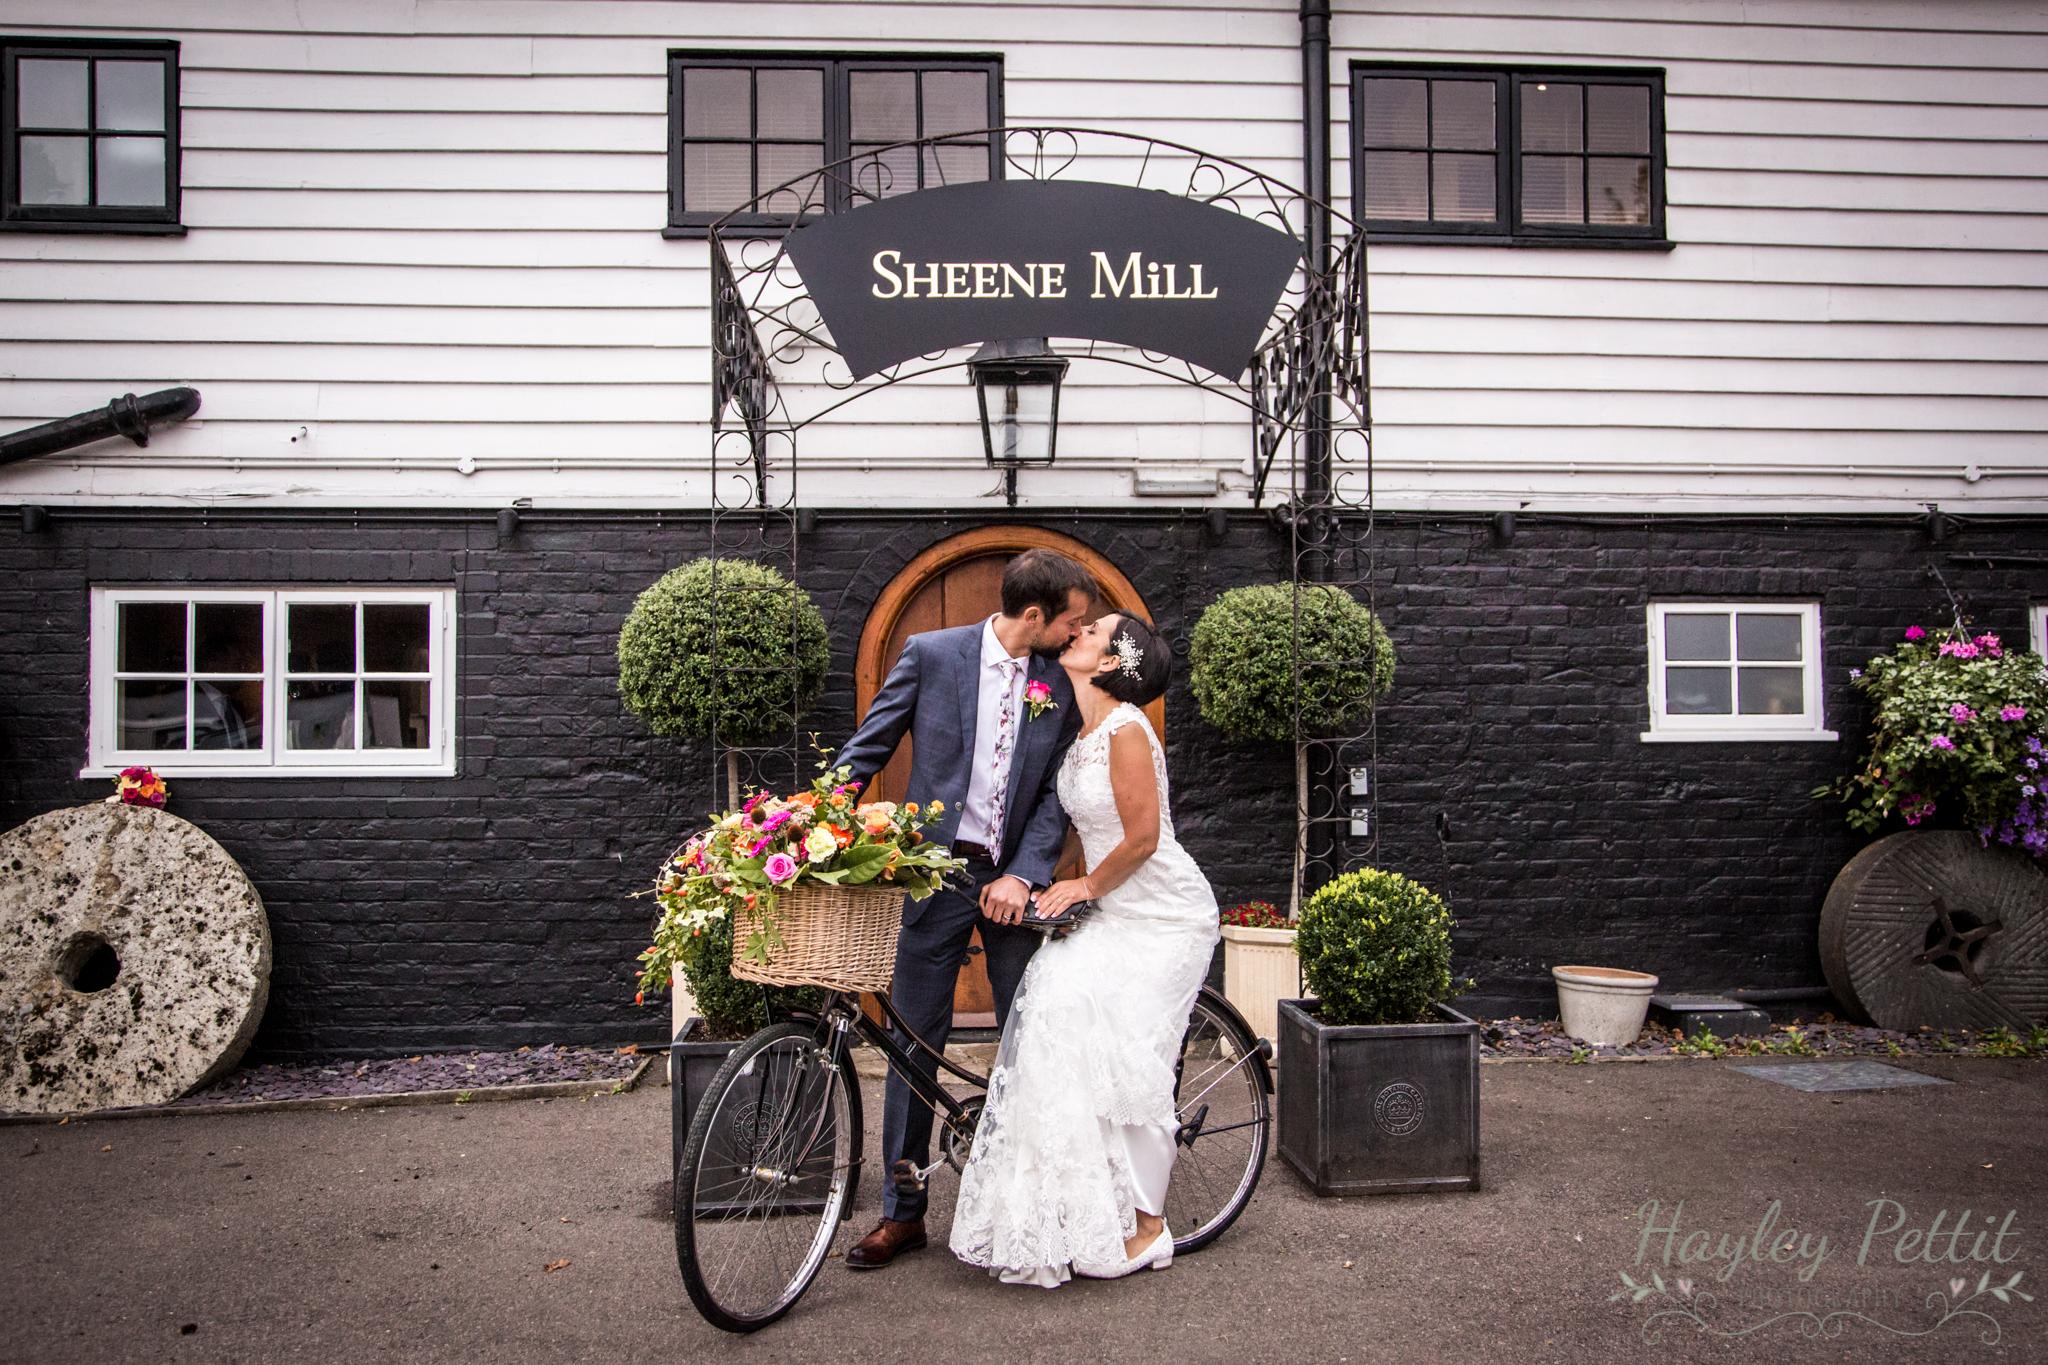 Sheene Mill